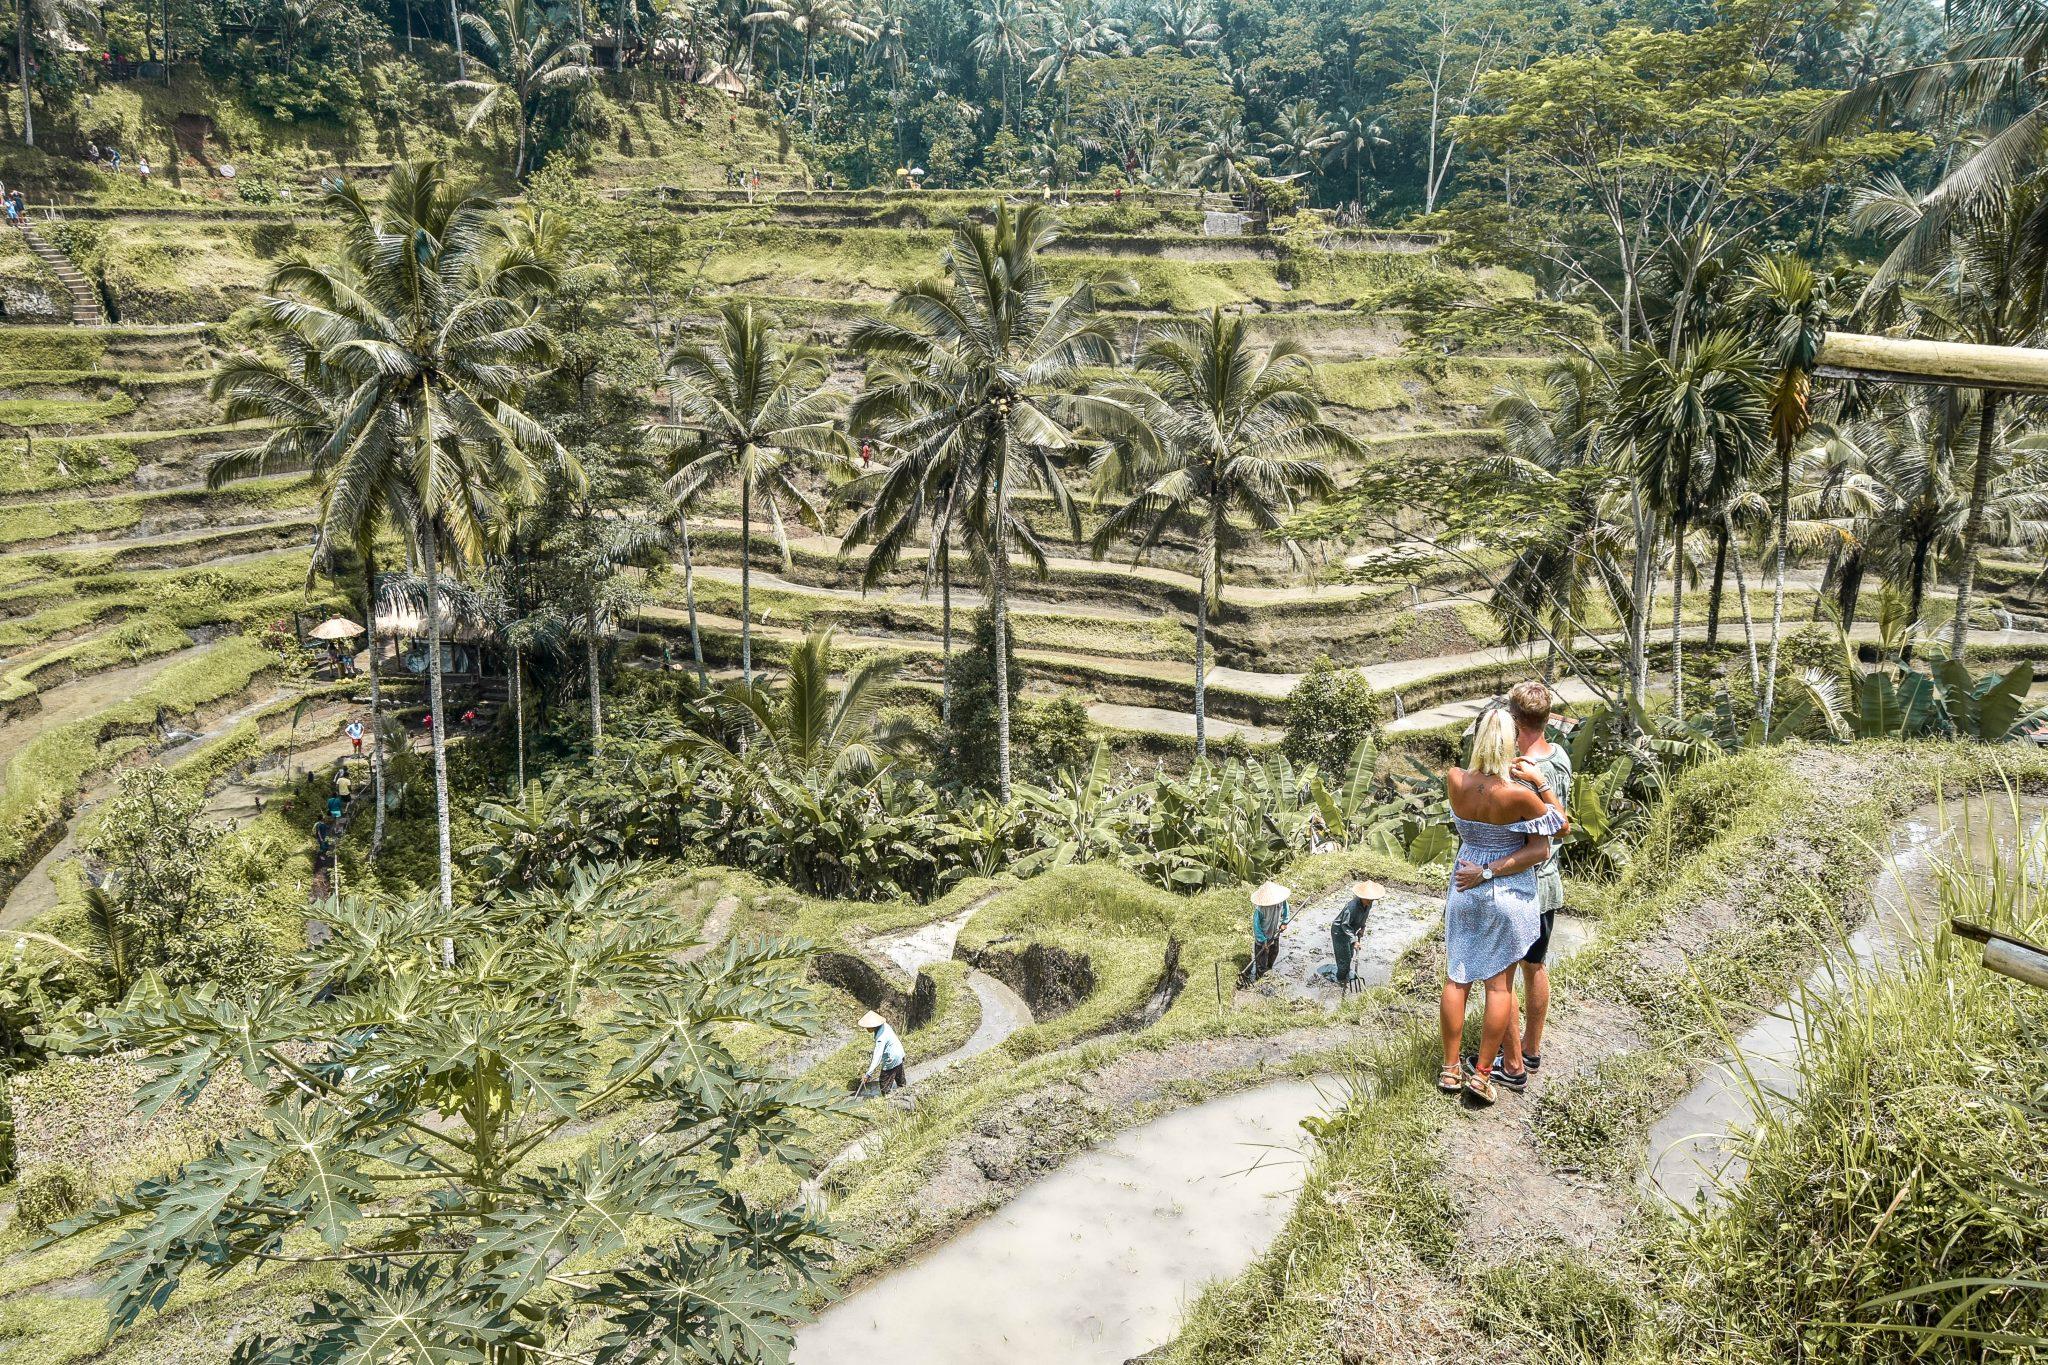 Wanderers & Warriors - Charlie & Lauren UK Travel Couple - Bali Itinerary - Where To Go In Bali